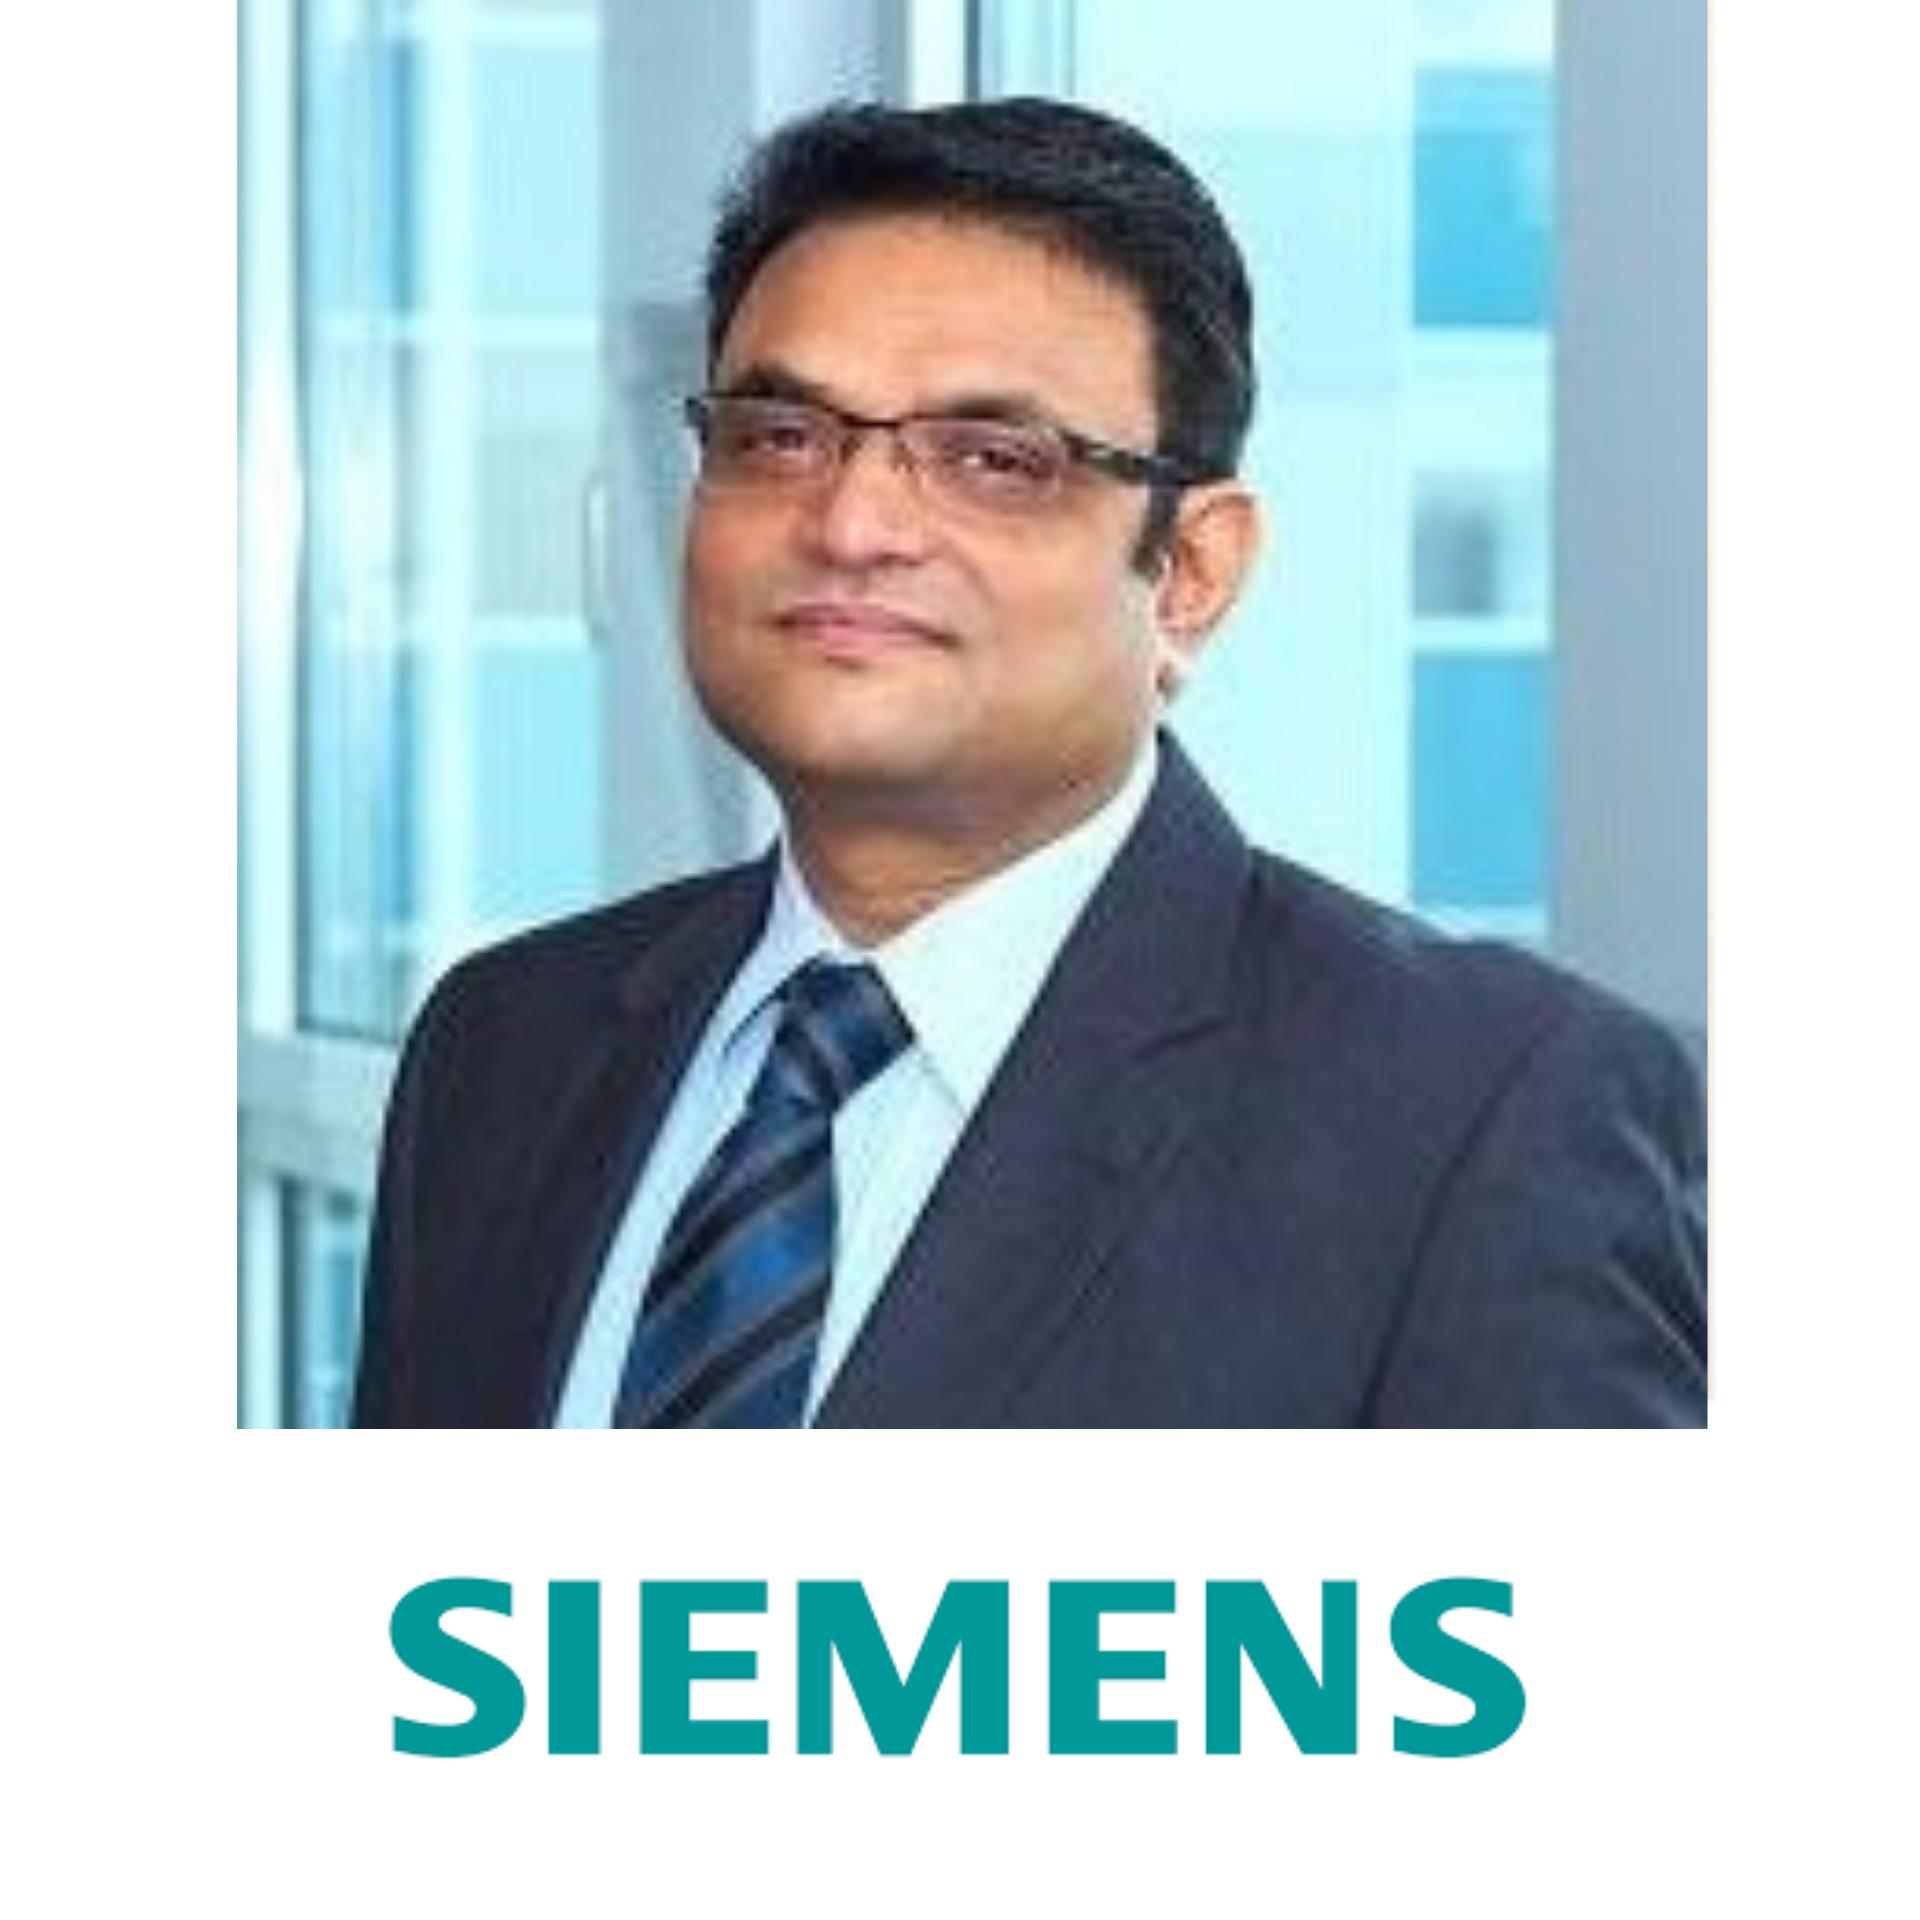 Siemens - Rajiv Sivaraman